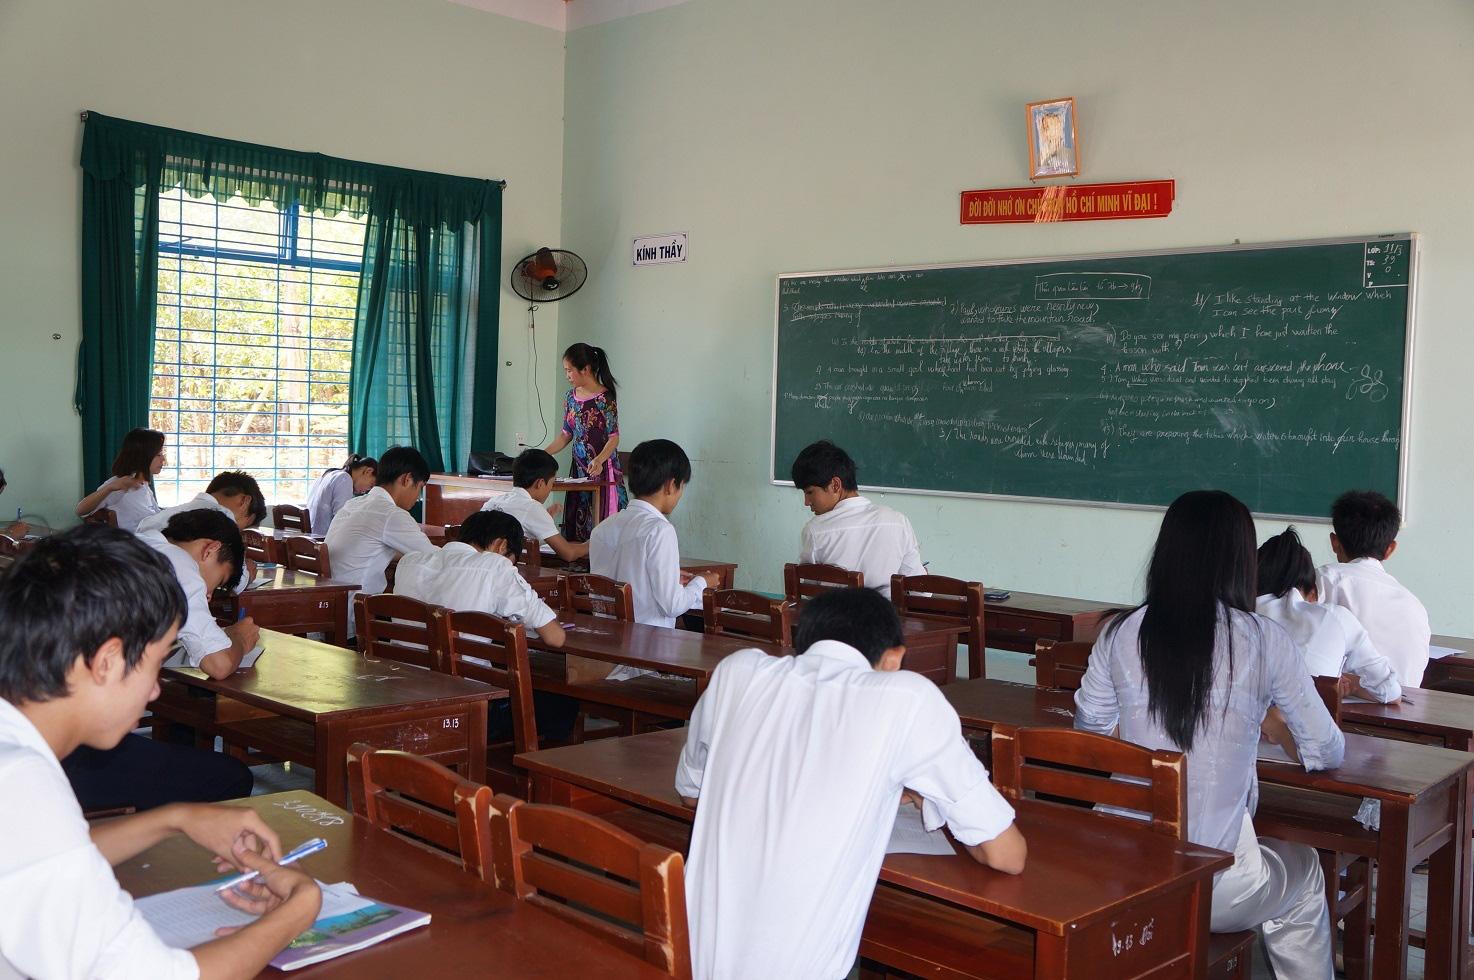 Quảng Nam: Học sinh nghỉ học 2 ngày, đình hoãn các cuộc họp để phòng tránh bão - Ảnh 1.